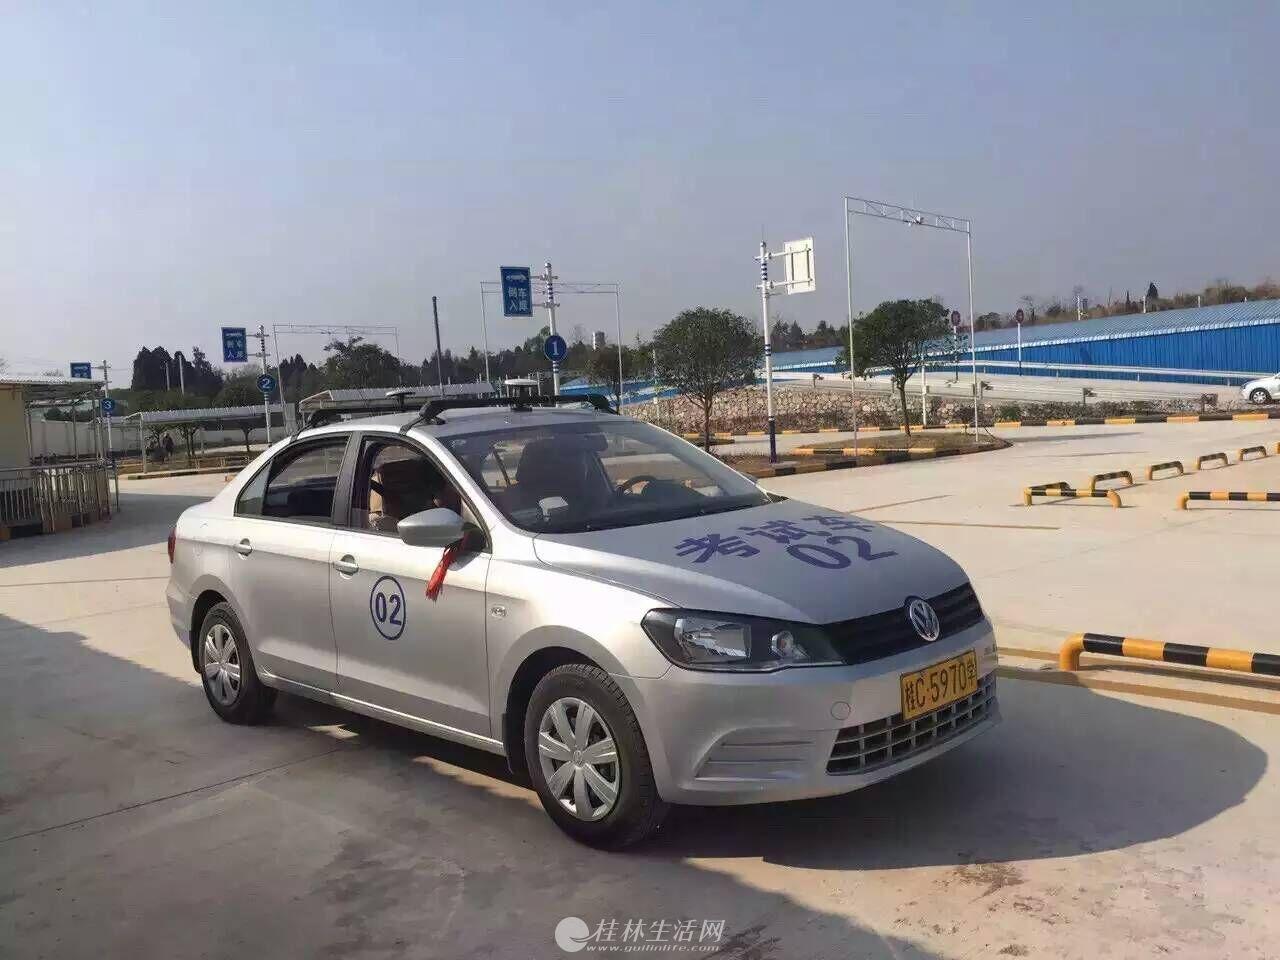 桂林驾驶证快速领办增驾,时间短,最快捷